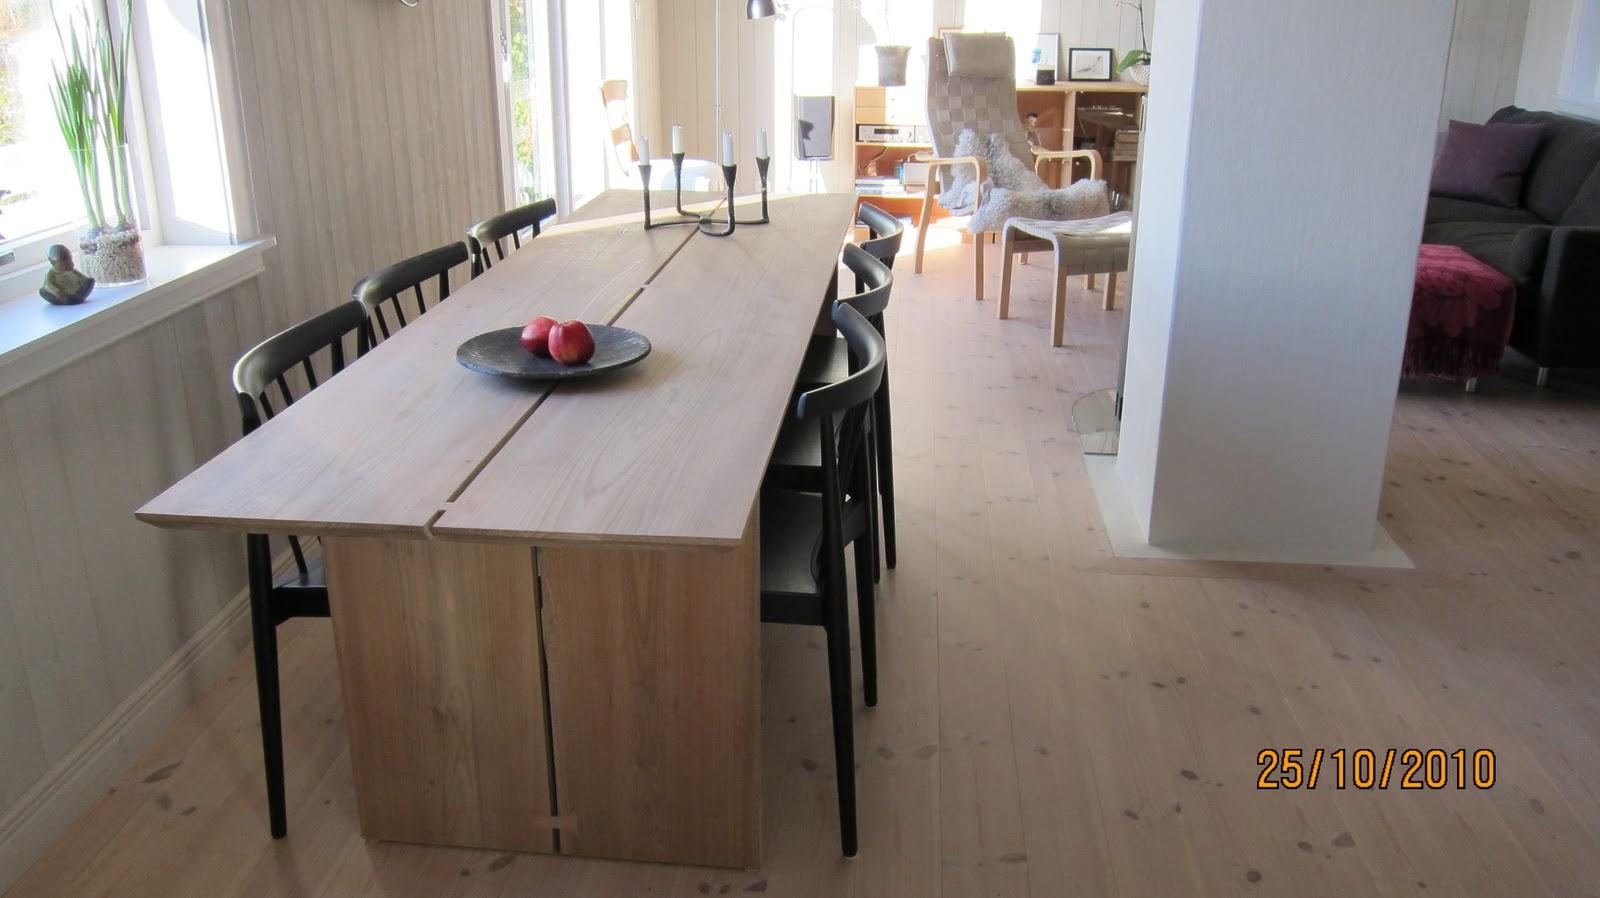 Treverkstedet Snekkermester Åge Sivertsen: Spisebord i Alm. Design ...